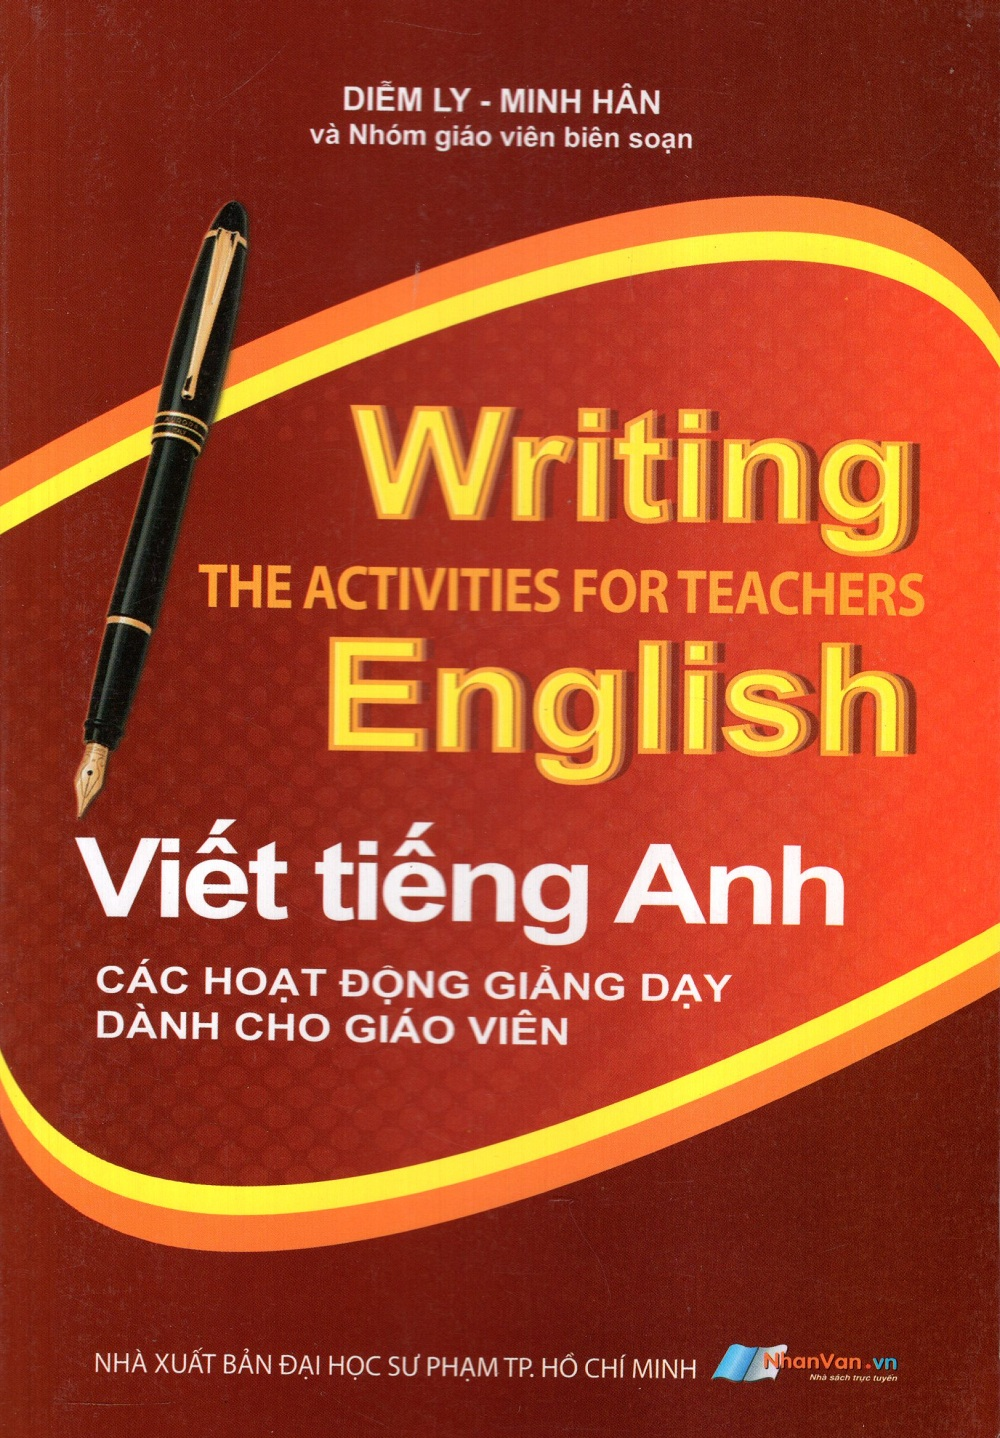 Viết Tiếng Anh - Các Hoạt Động Giảng Dạy Dành Cho Giáo Viên - 8935072881177,62_224653,65000,tiki.vn,Viet-Tieng-Anh-Cac-Hoat-Dong-Giang-Day-Danh-Cho-Giao-Vien-62_224653,Viết Tiếng Anh - Các Hoạt Động Giảng Dạy Dành Cho Giáo Viên